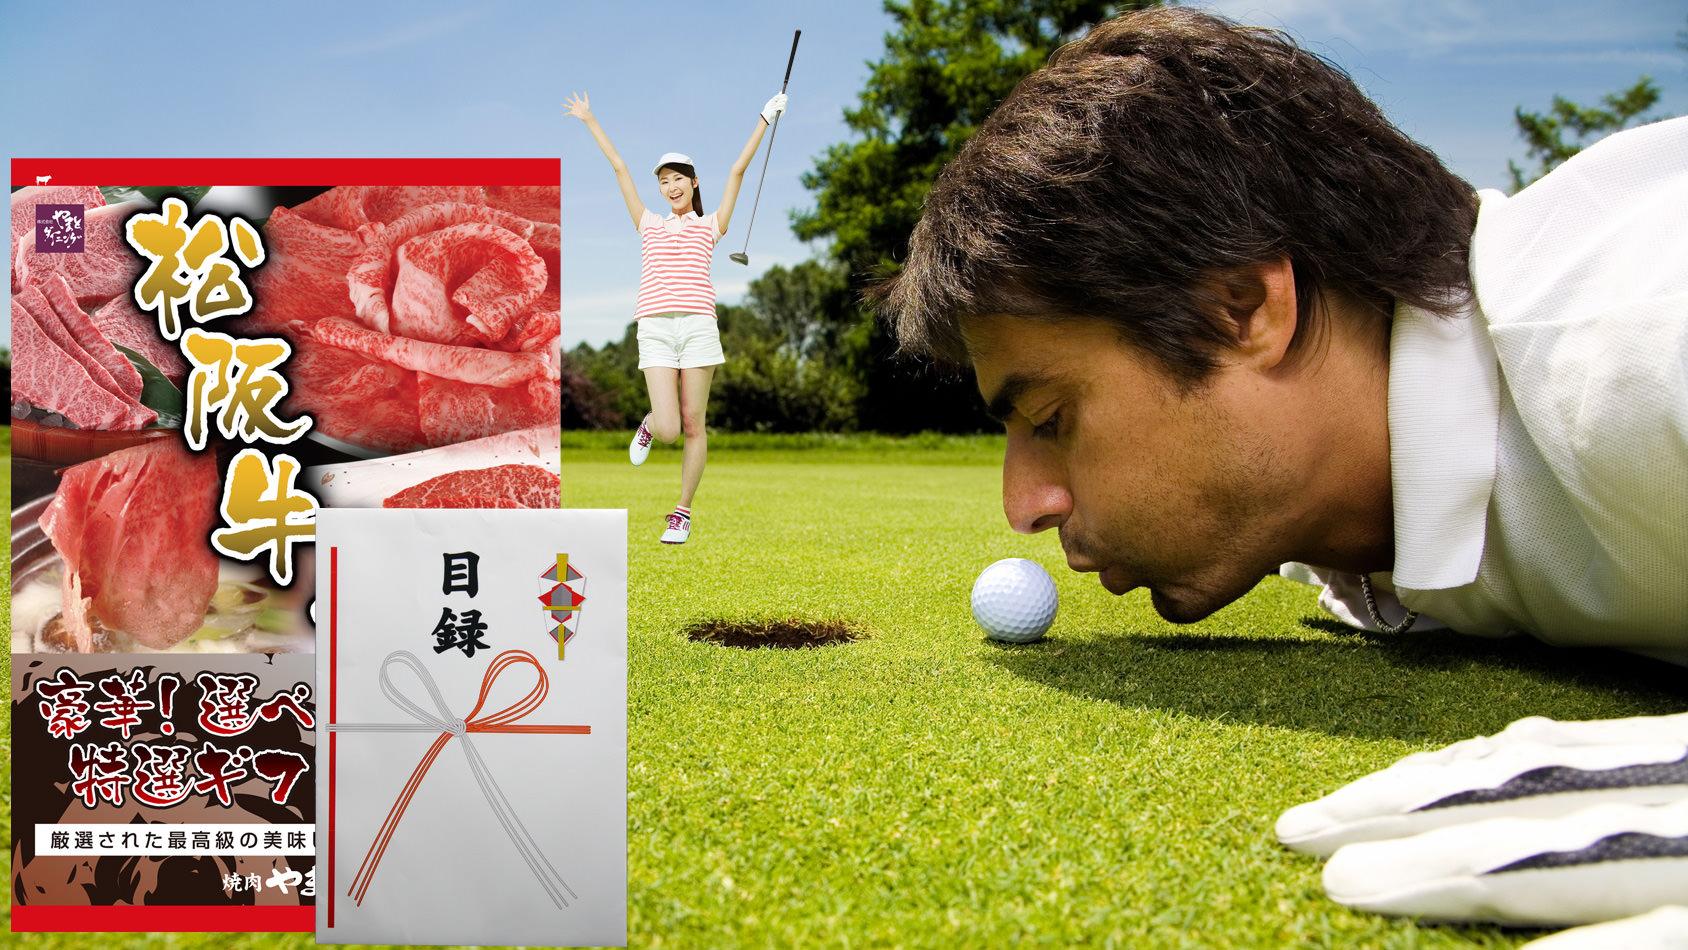 ゴルフコンペ景品、賞品に